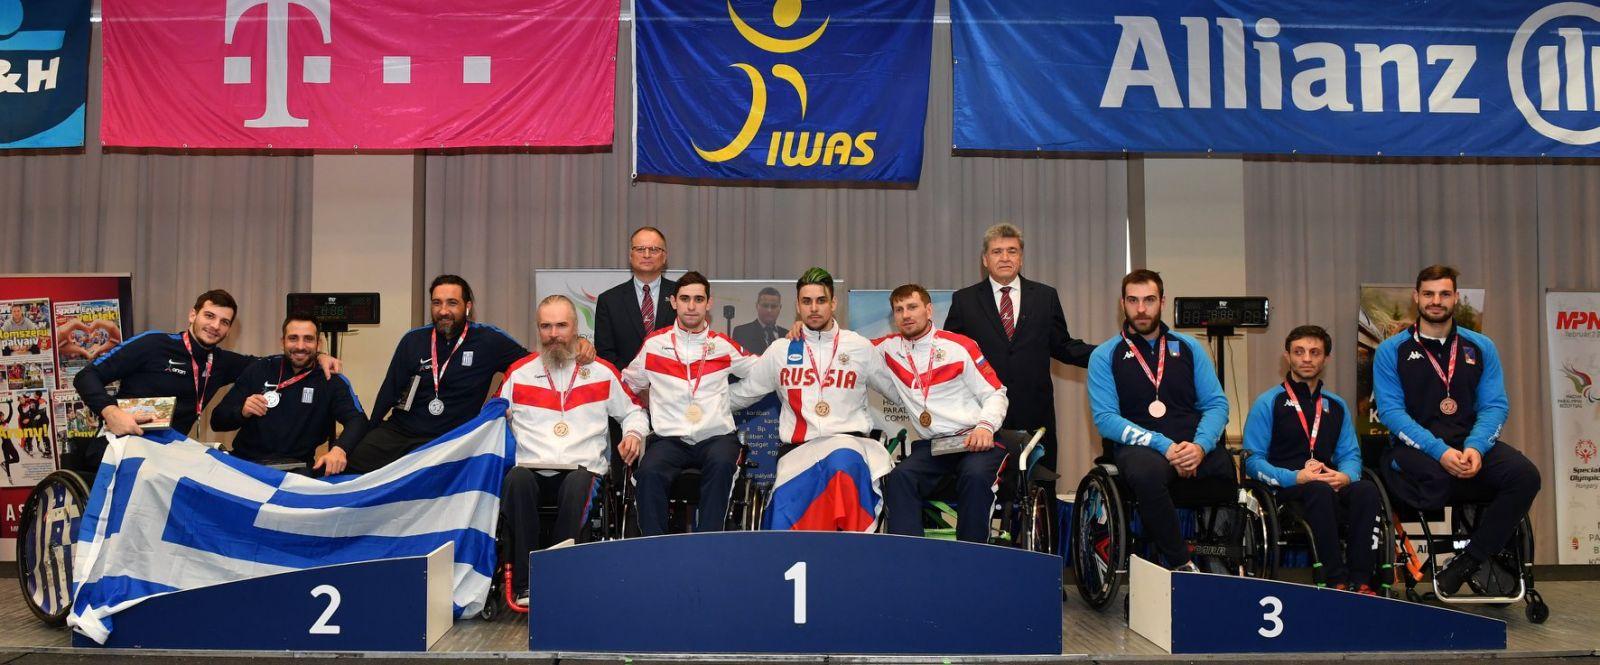 Сборная команда России по фехтованию на колясках выиграла общекомандный зачет 1 этапа Кубка мира в Венгрии